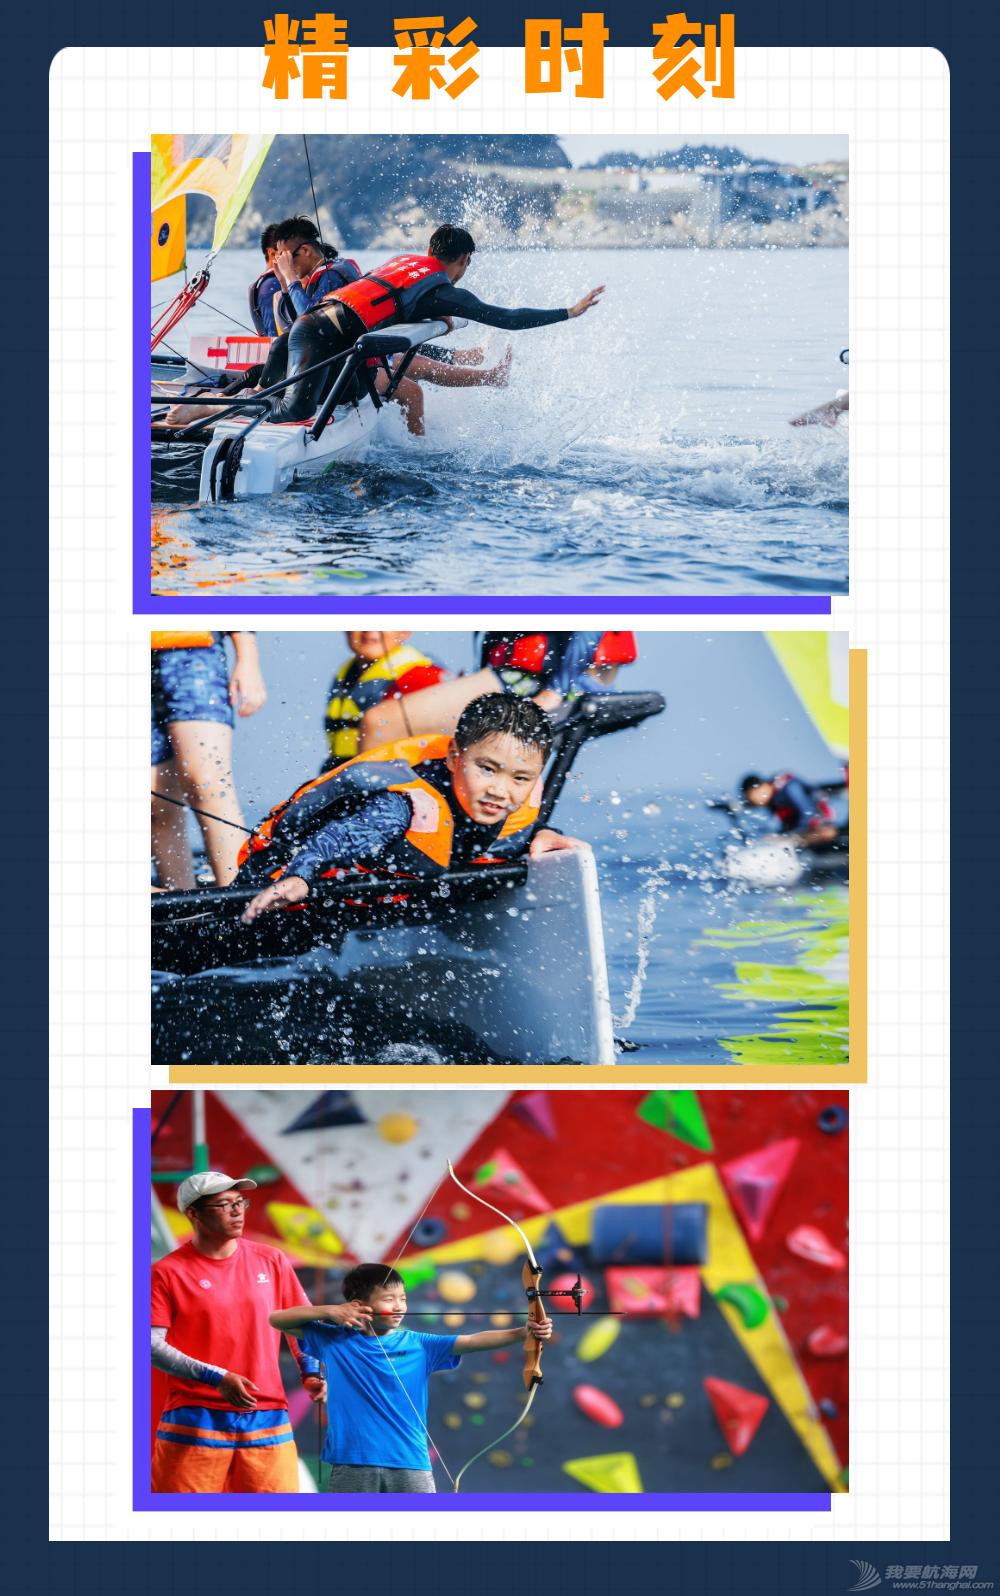 【又玩又学习,又练又比赛】2021威海帆船训练游学营w24.jpg